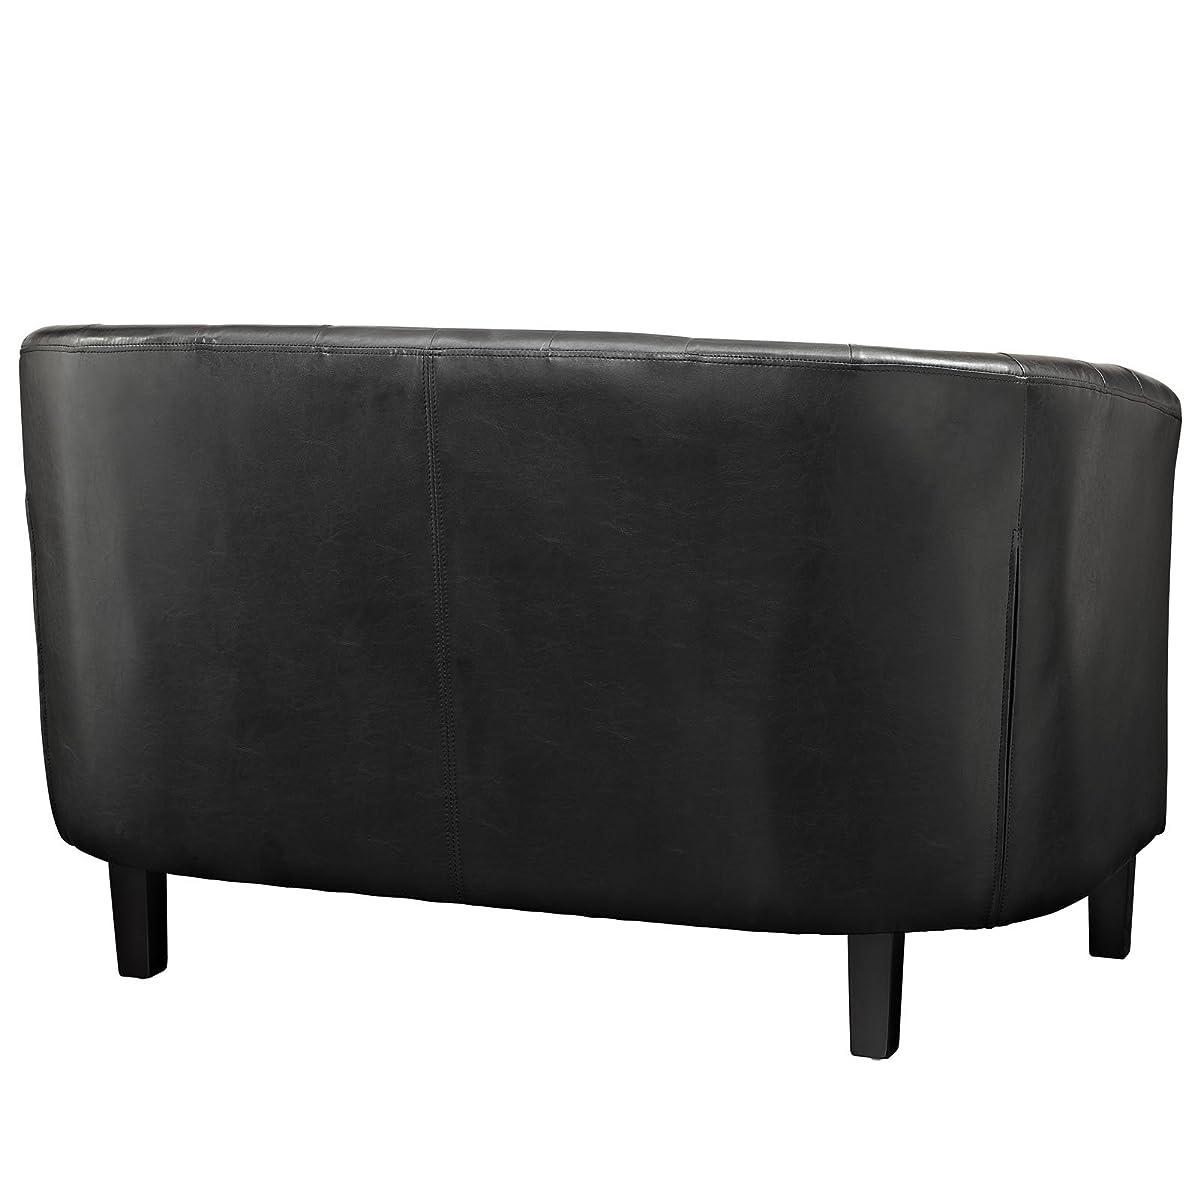 Modway Prospect 2-Seater Loveseat, Black